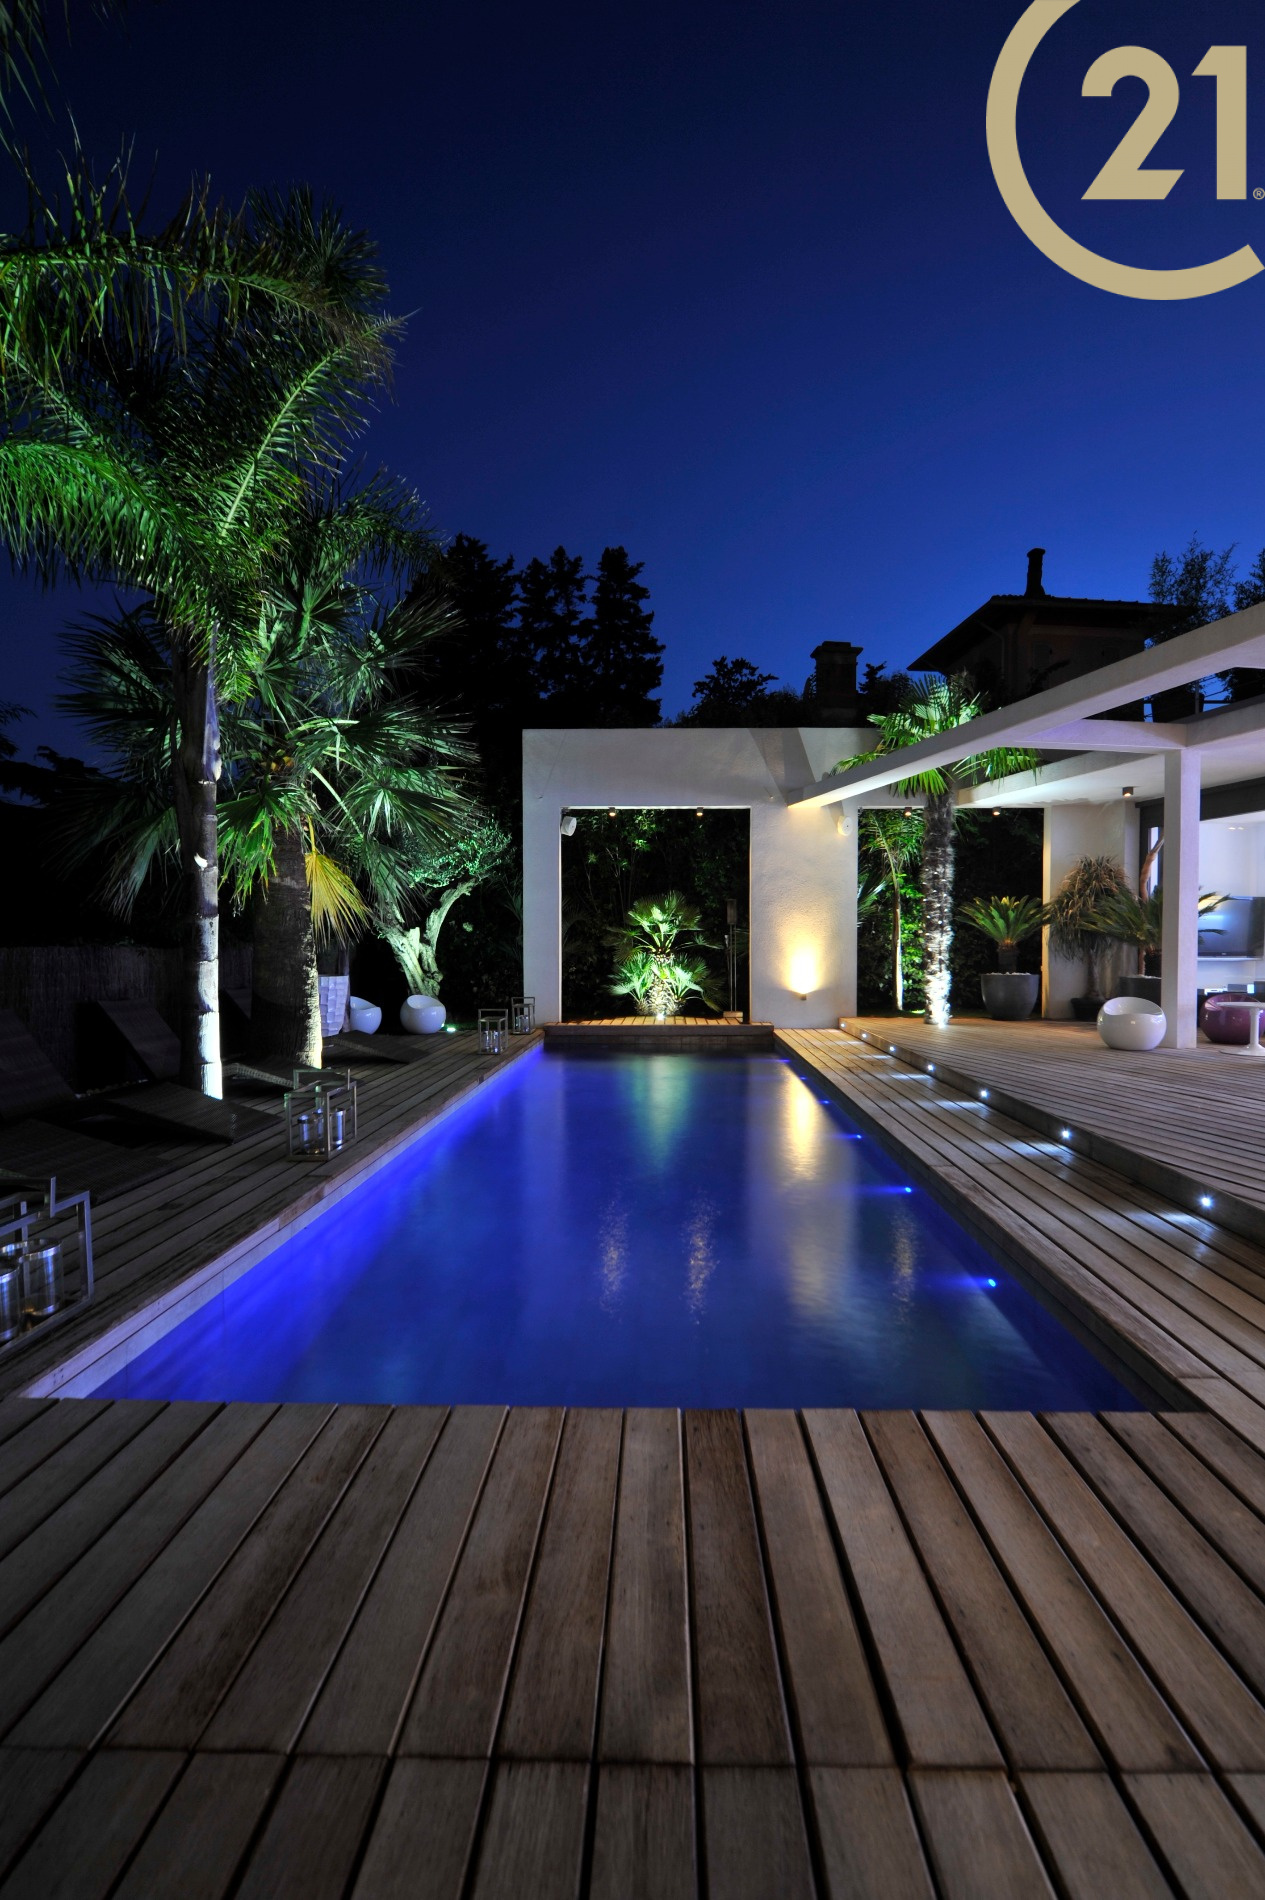 Vente frejus villa contemporaine de 200 m² avec 138 m² de terrasses et piscine